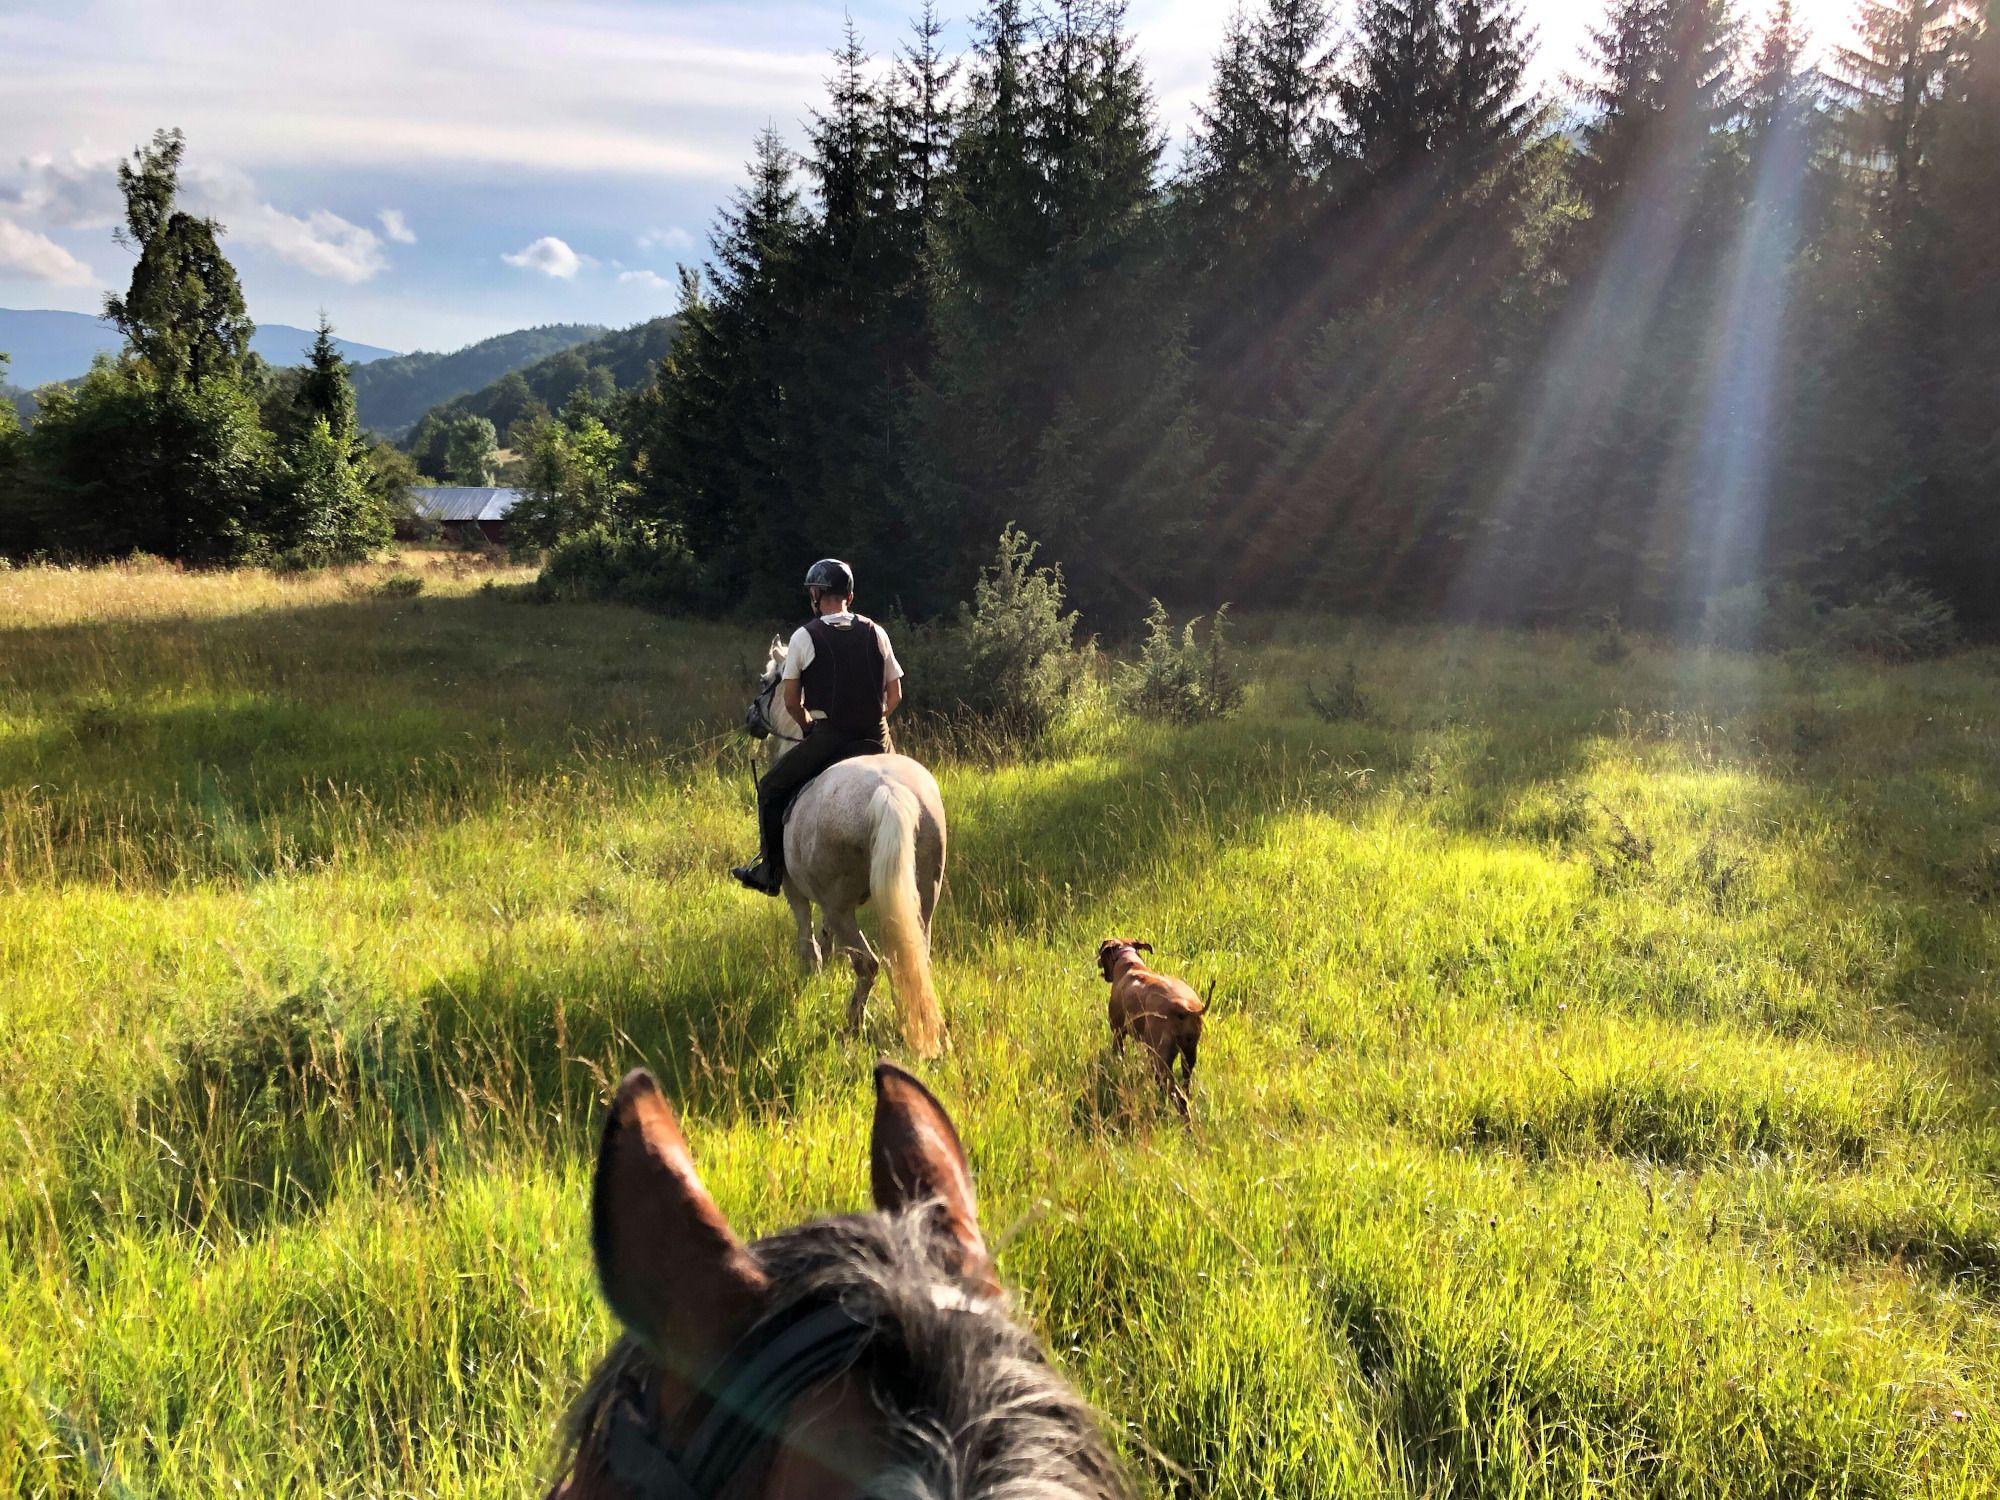 Mies ratsastaa hevosella metsässä